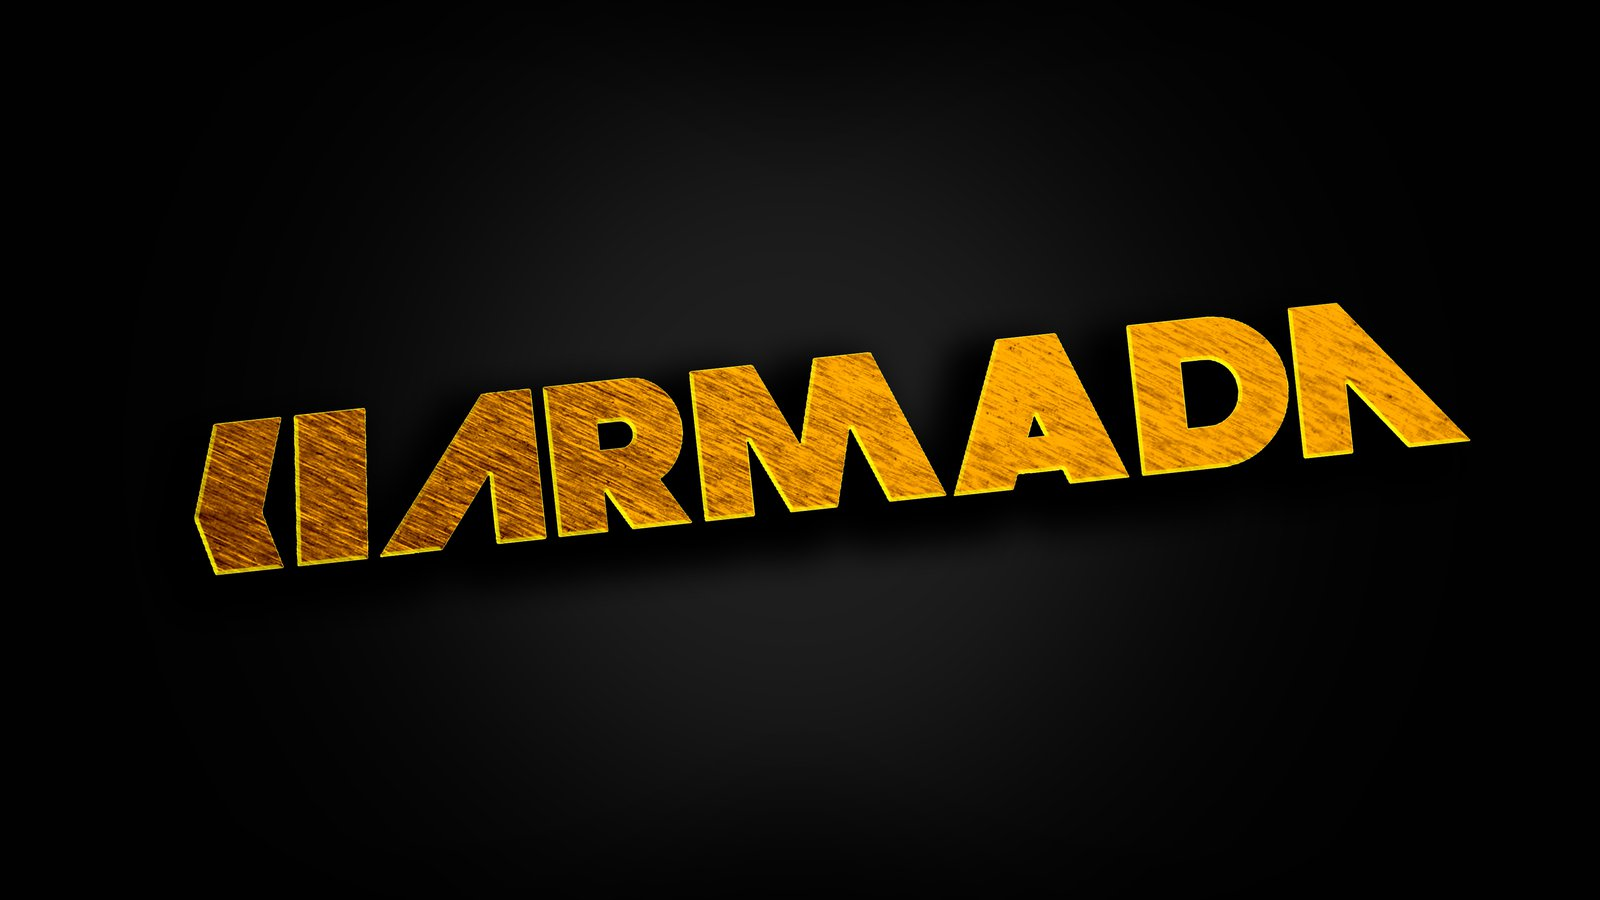 Armada wallpaper